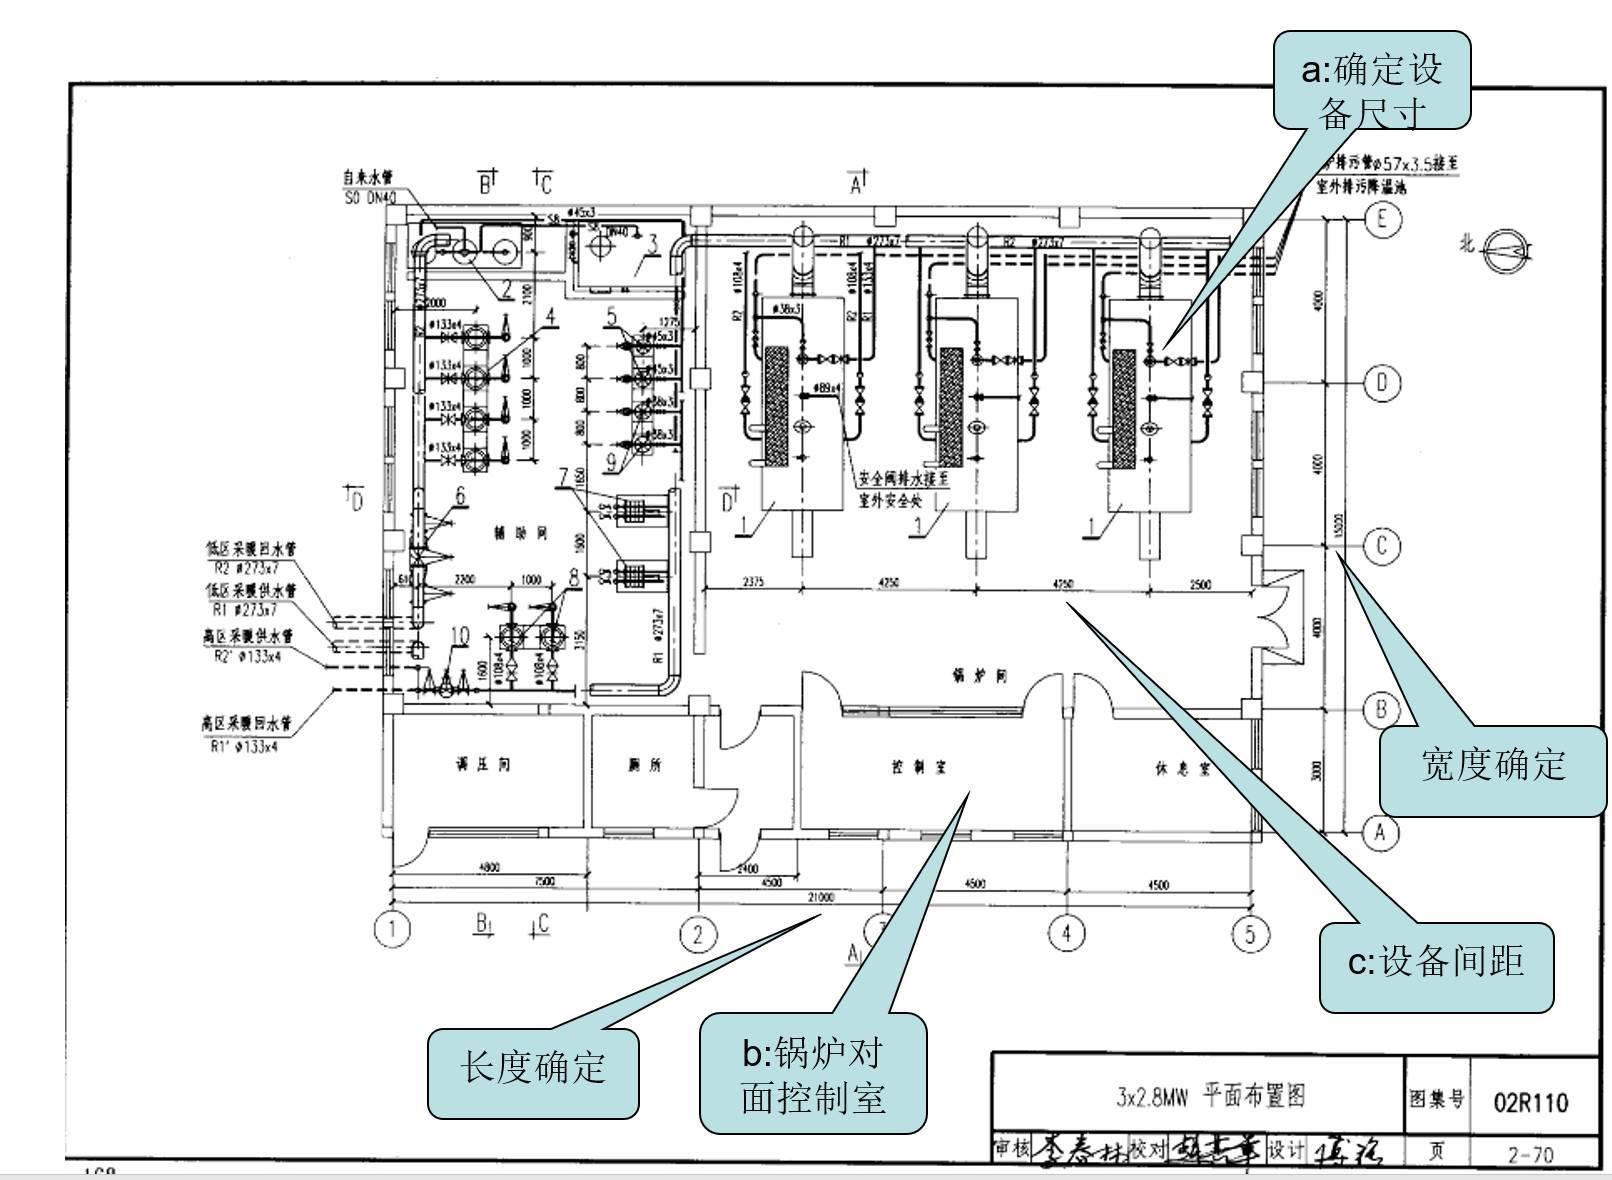 2排布原则(参照:02r110燃气(油)锅炉房工程设计施工图集) 2.图片